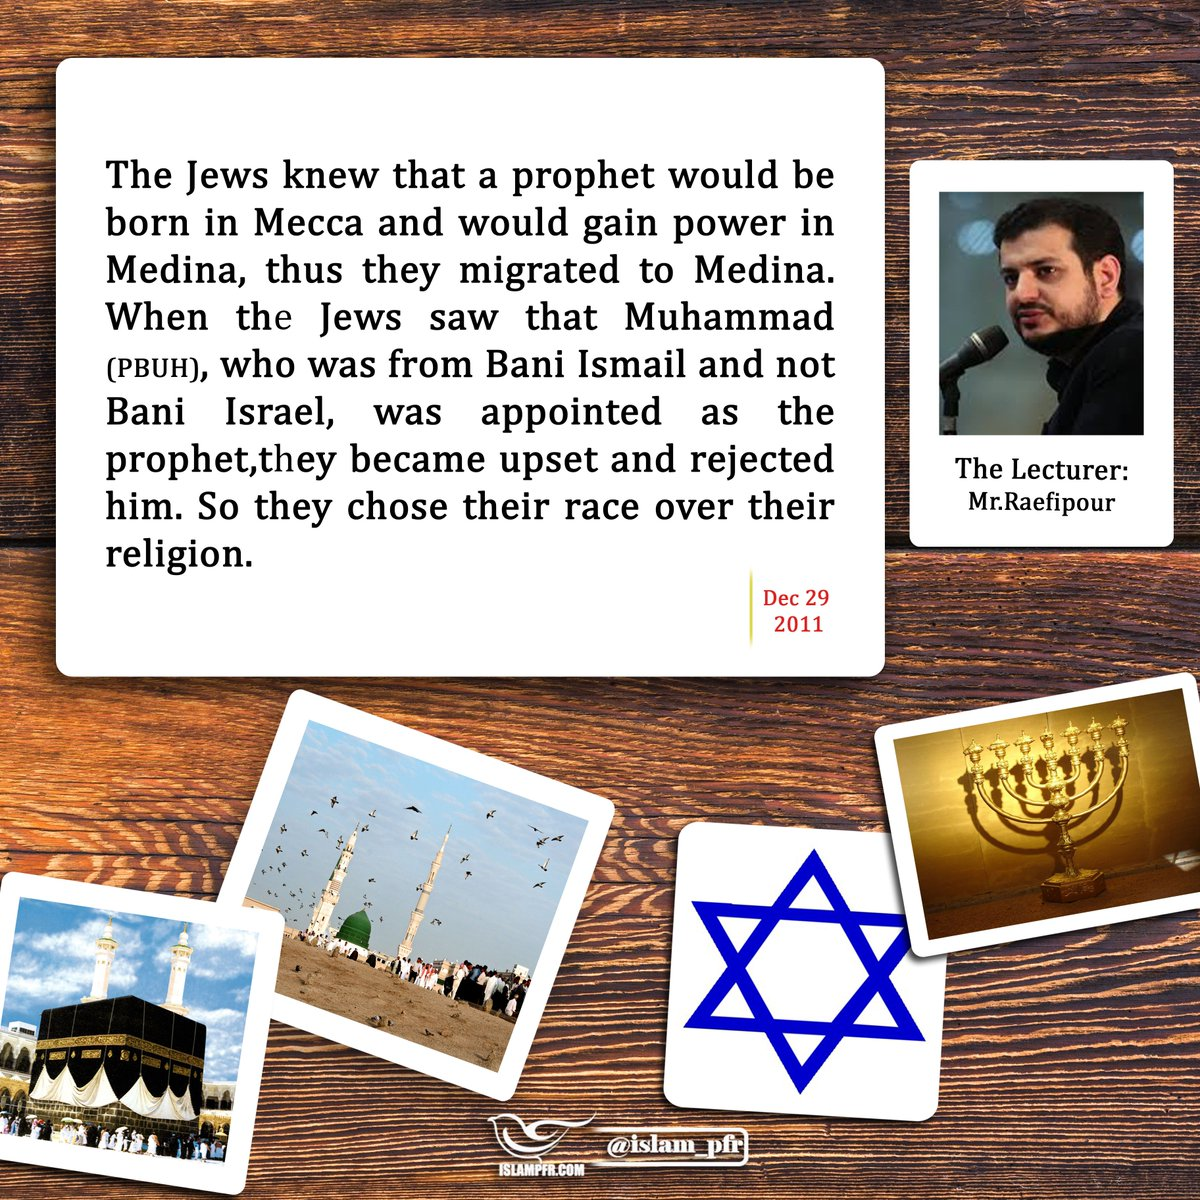 israel,judaism,zionism,jews history,jews